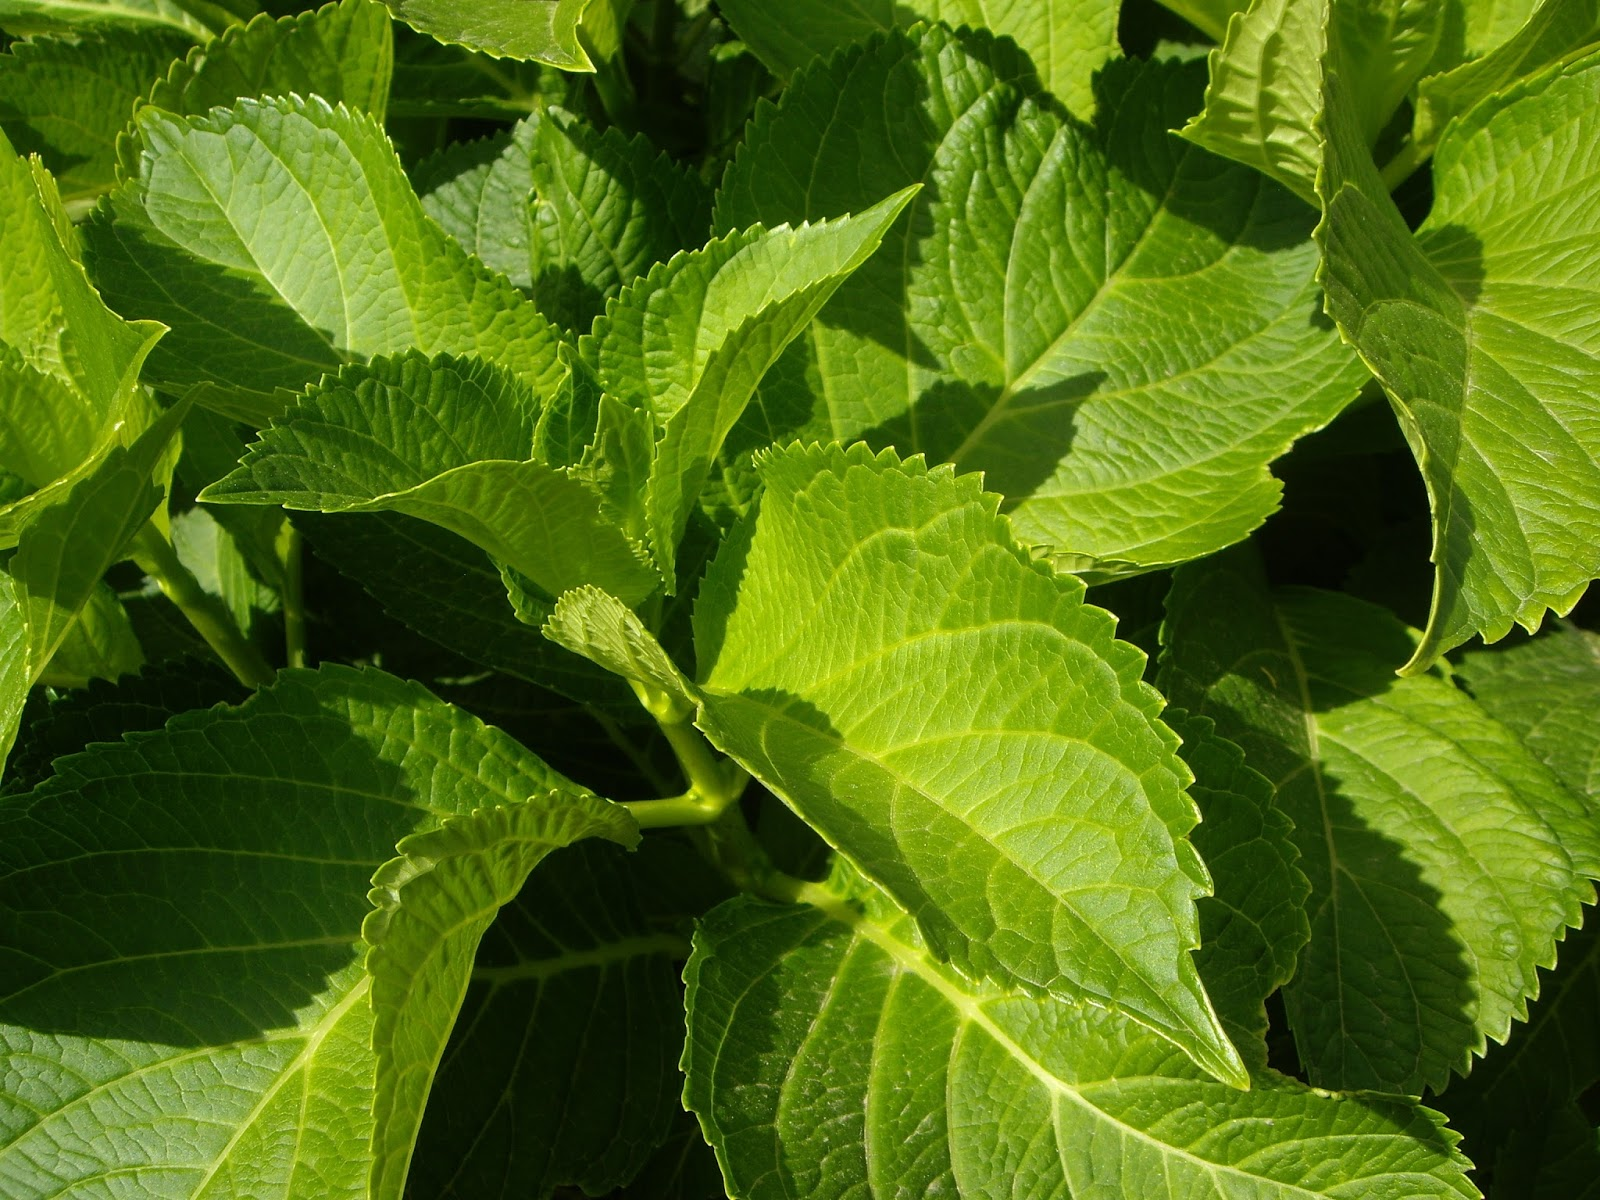 Snap pin bordes flores hojas imagenes decorativas for Plantas decorativas hojas